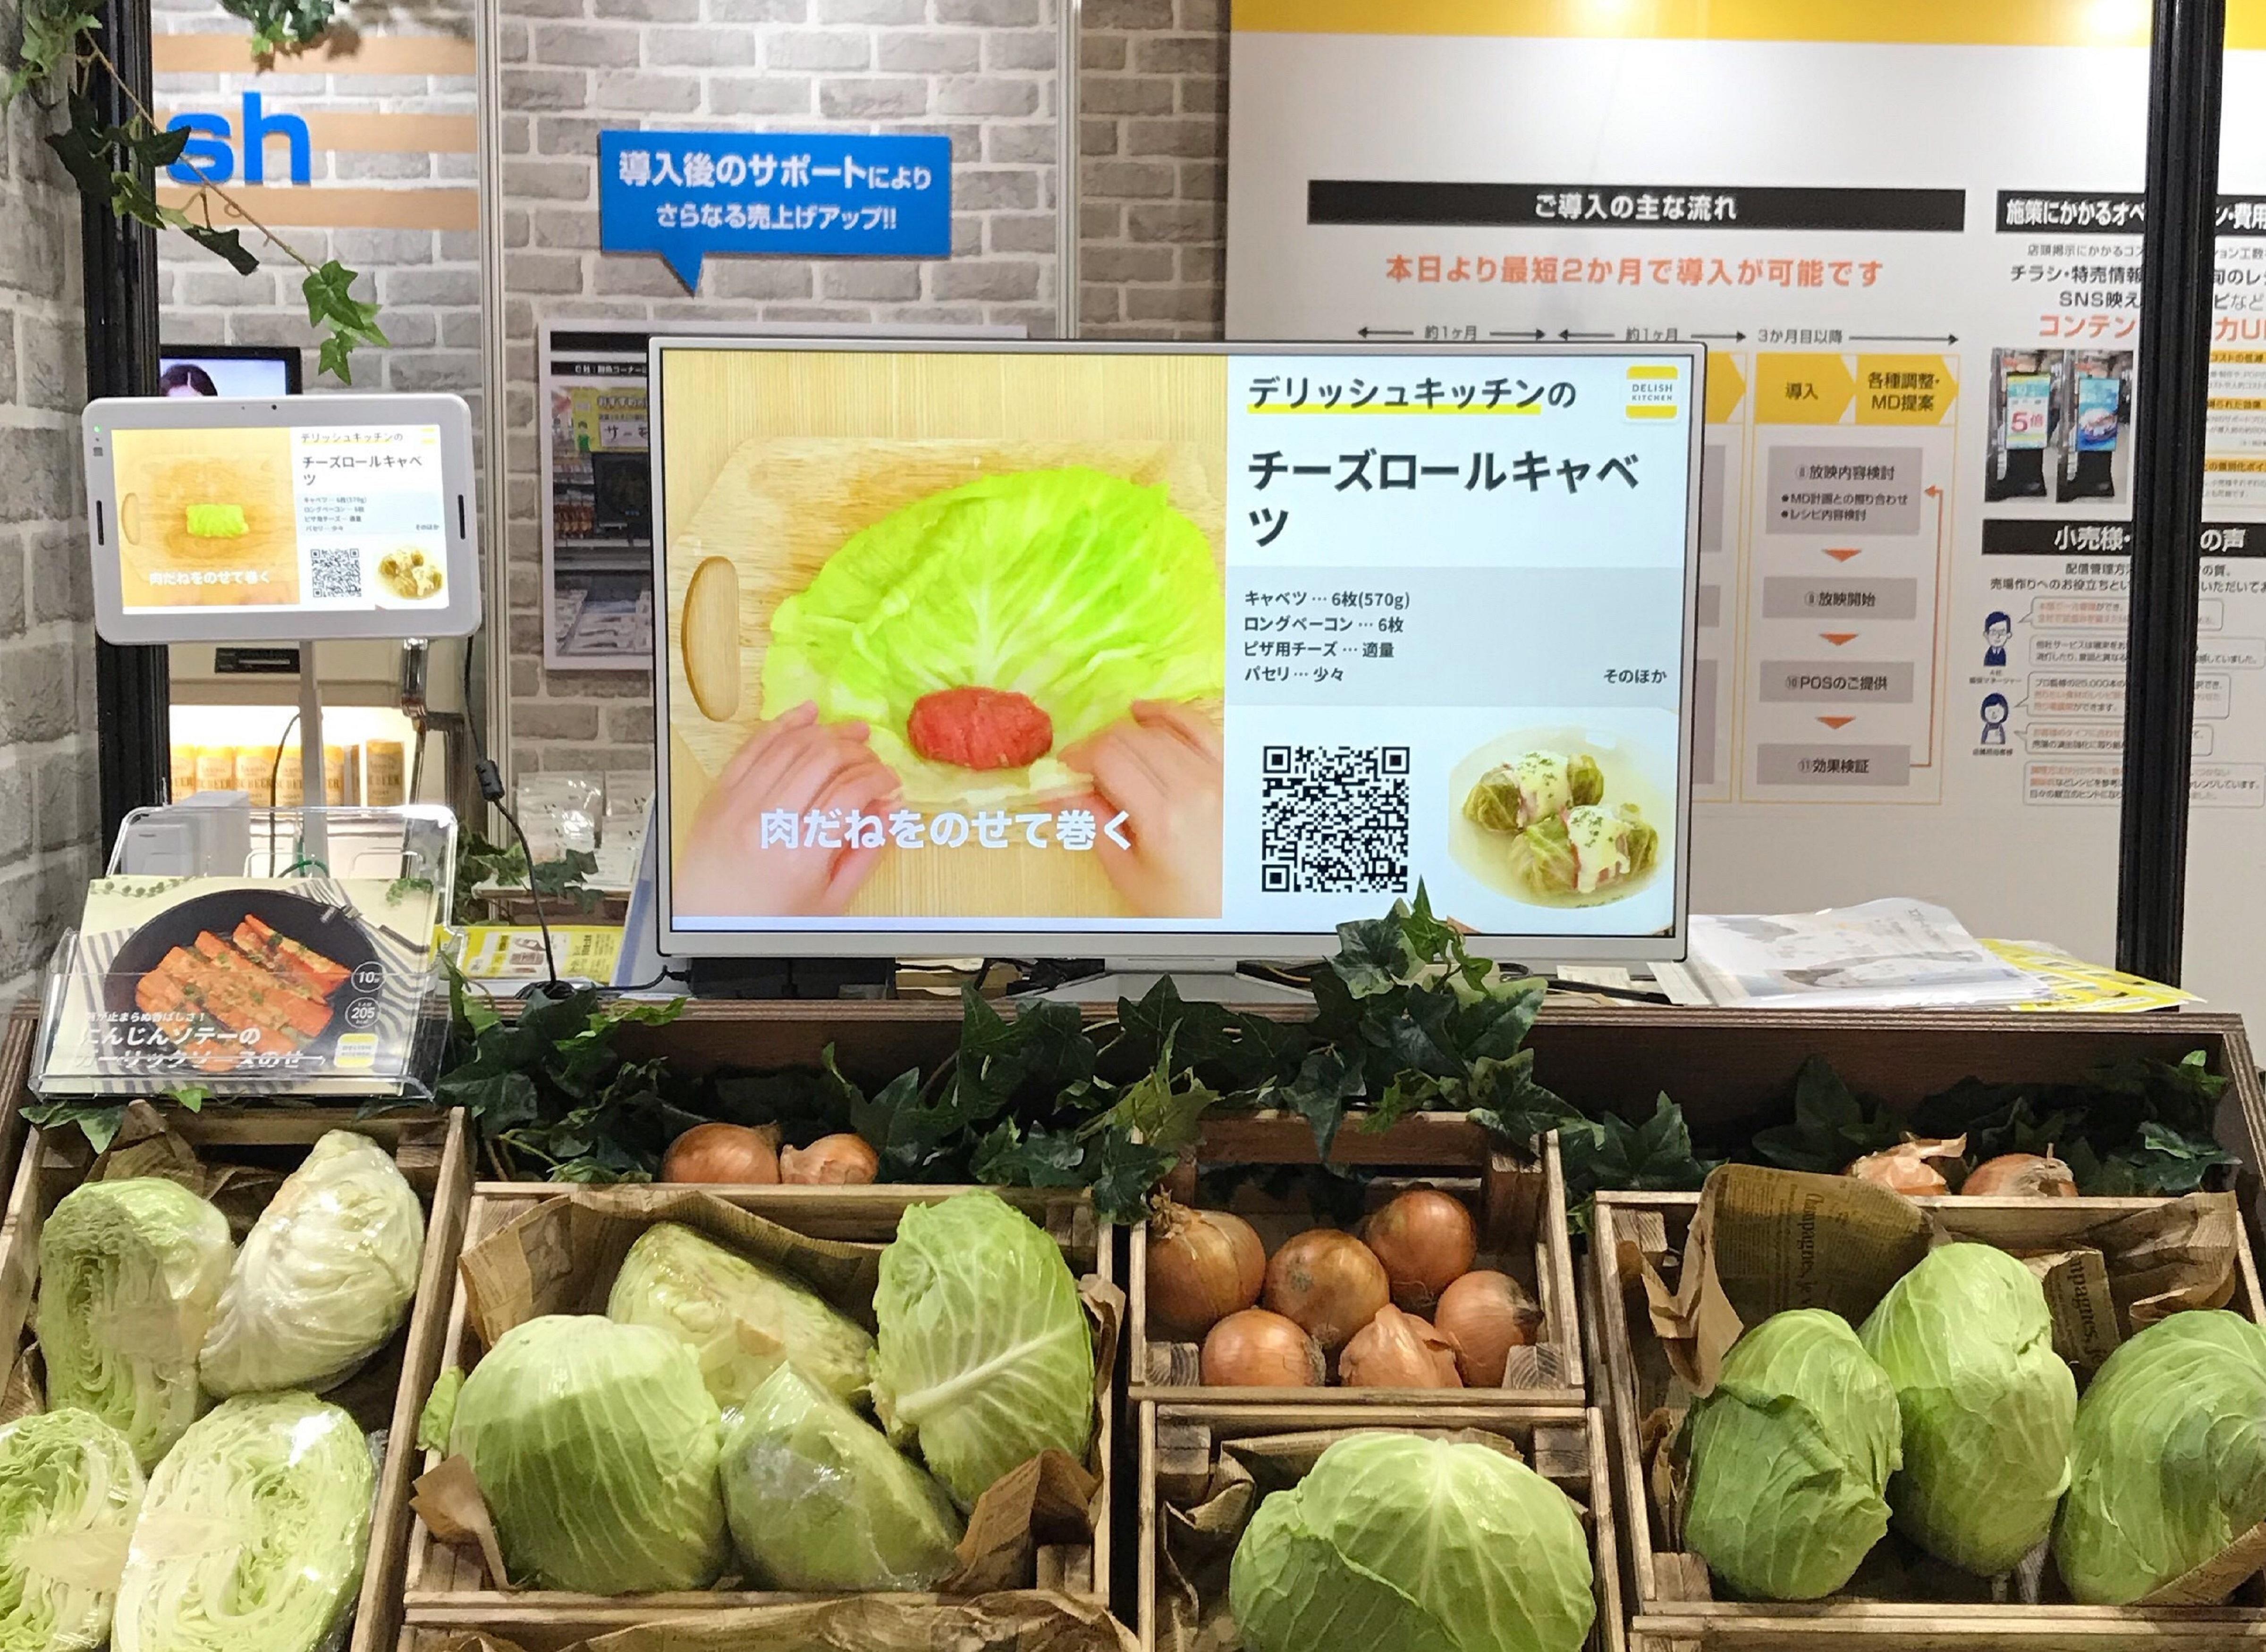 伊藤忠食品 理念 vision